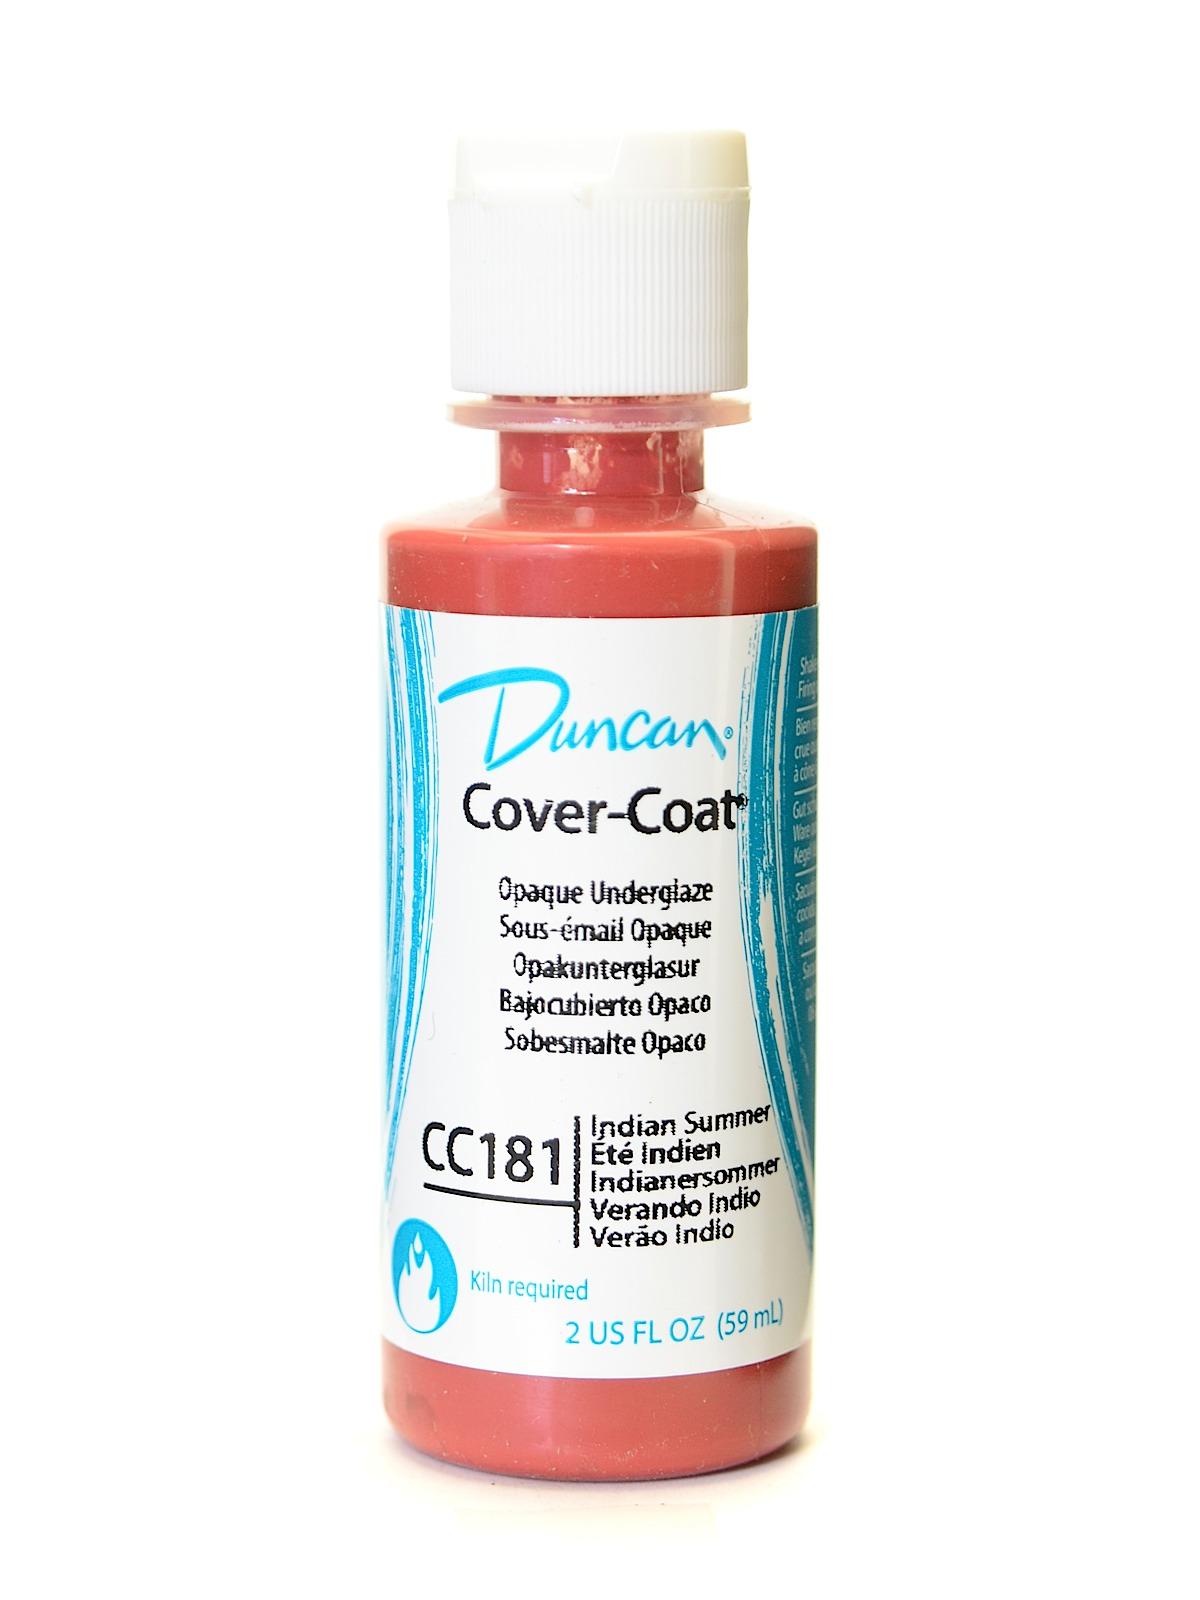 Duncan - Cover-Coat Opaque Underglazes